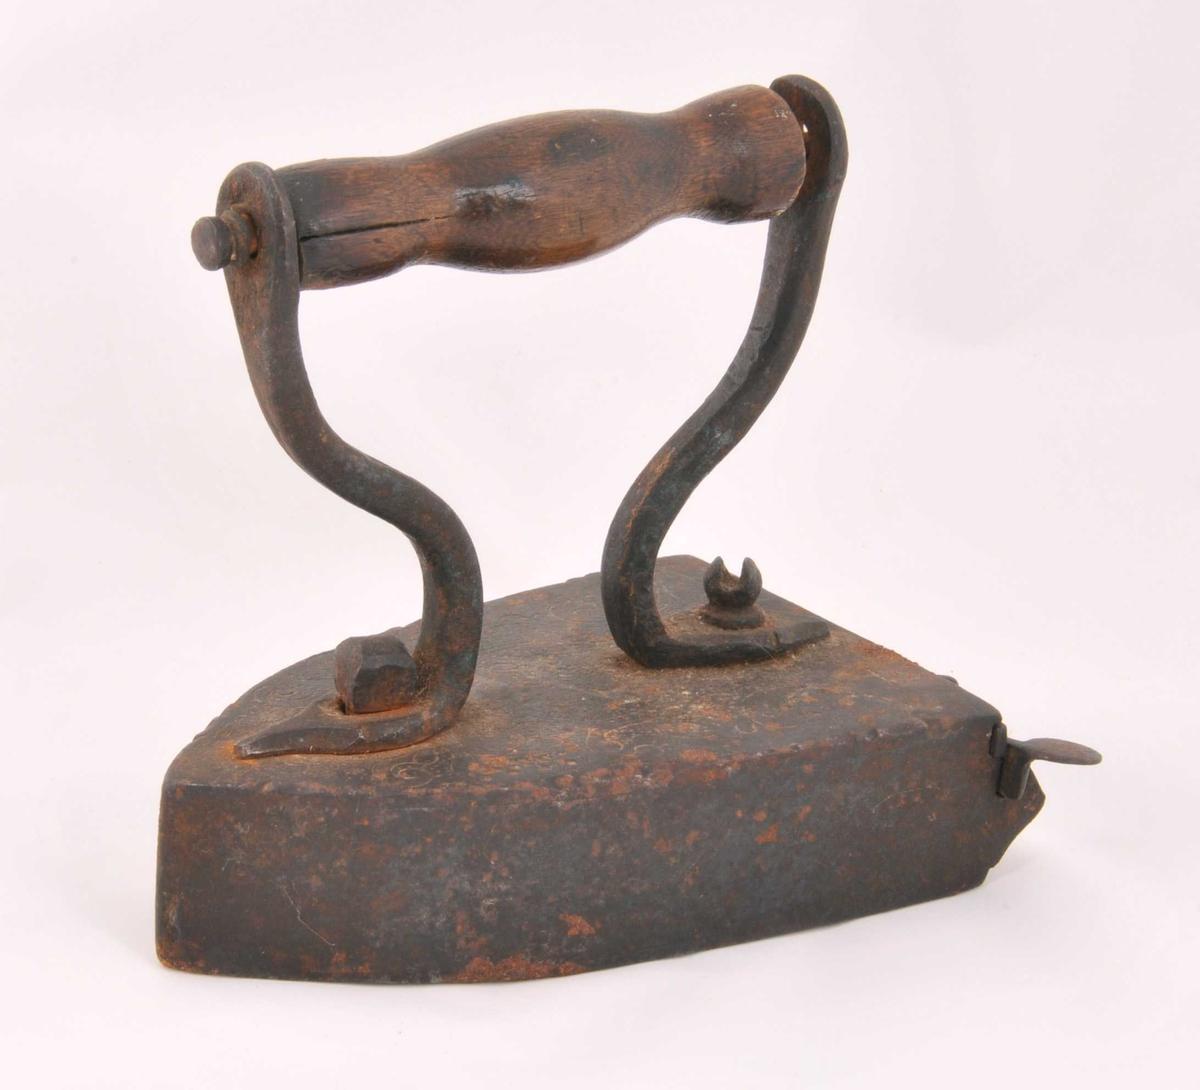 Handtaket er dreia og klinka fast til to jernbøylar. Øvre del av strykejernet er siselera med fint utført akantusornamentikk. Jernbøylane er klinka og skrudd saman til øvre del av jernet. Ein fint utforma låsemekanisme i jern er hengsla til sidene av strykejernet. Inne i jernet er det ein ileggjarbolt i jern.  Gåve